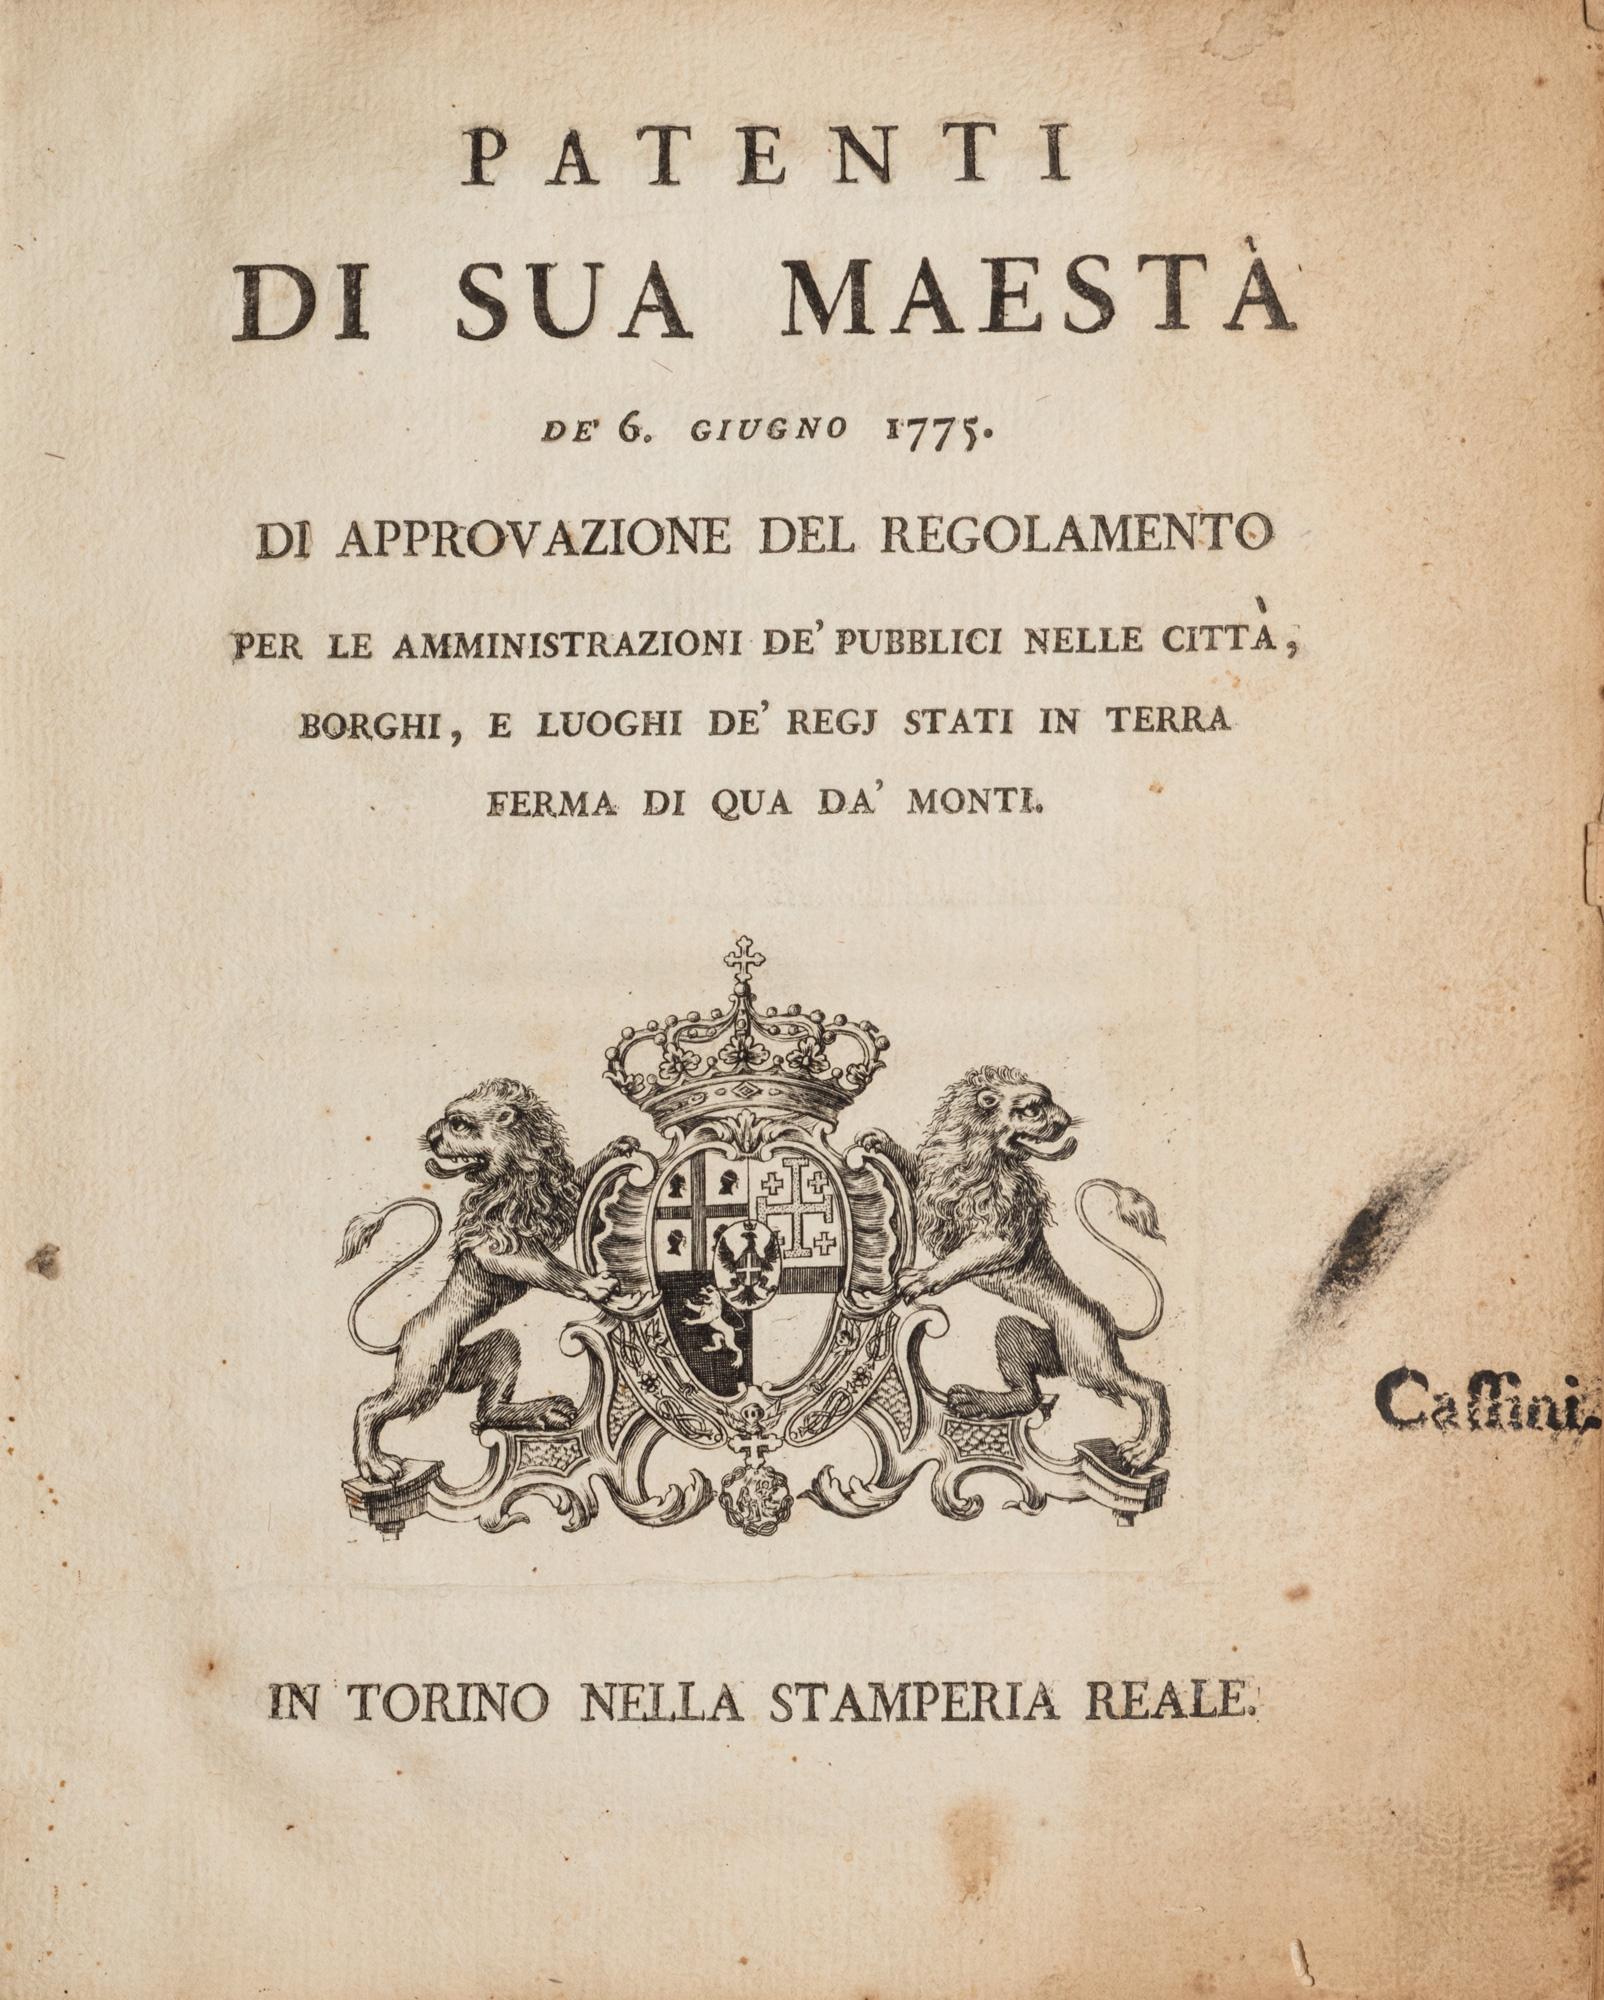 Patenti di Sua Maestà de' 6. giugno 1775. di approvazione del regolamento per le amministrazioni de' pubblici nelle città, borghi, e luoghi de' regi stati in terra ferma di qua da' monti